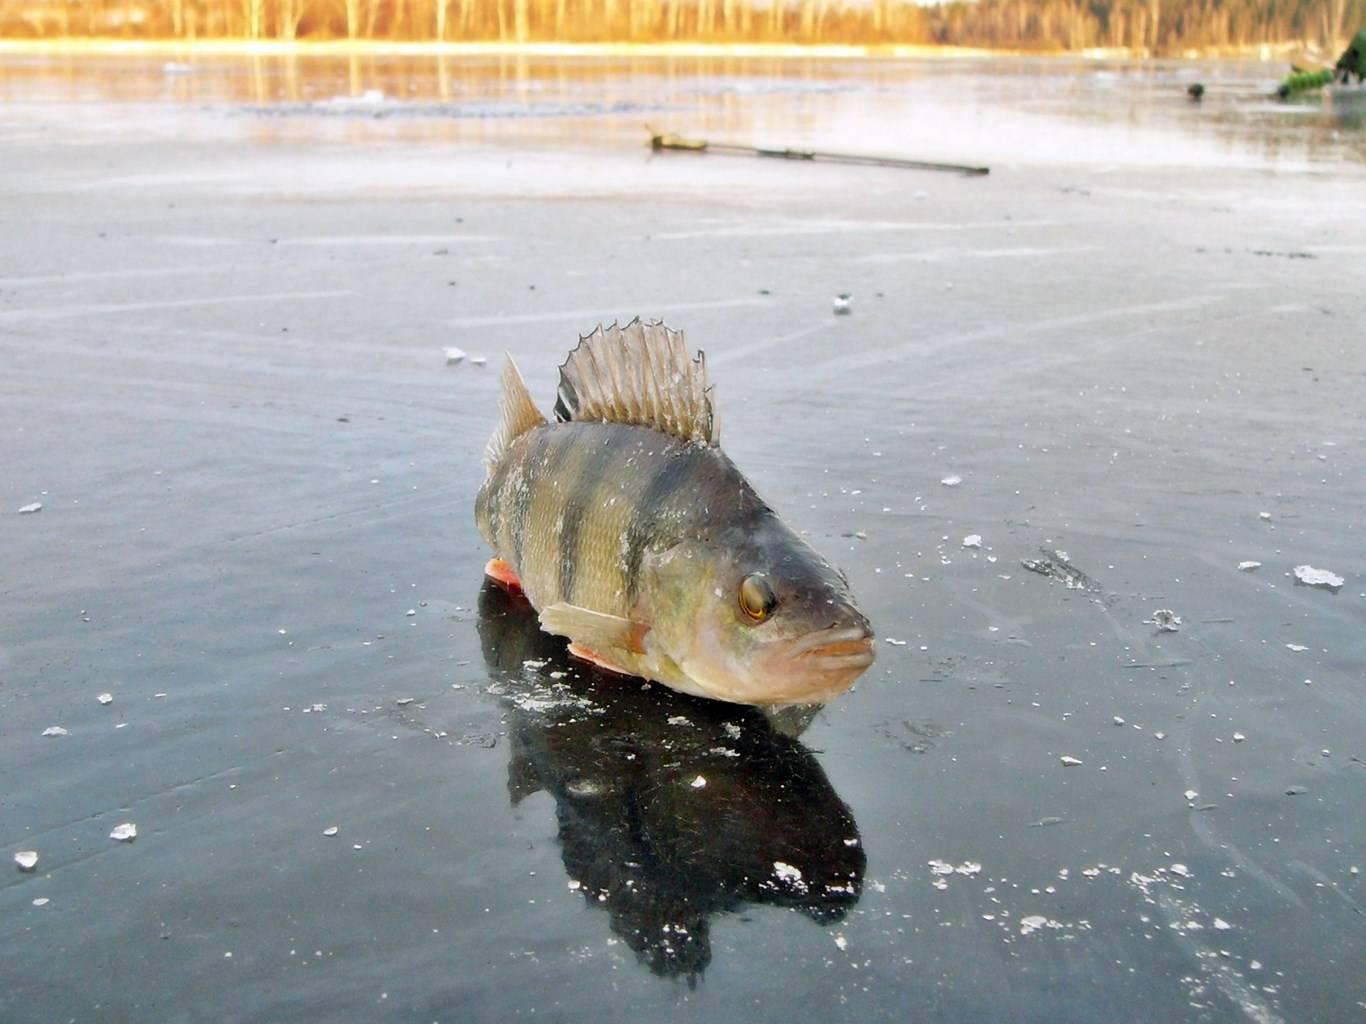 ᐉ ловля щуки зимой по первому льду, в глухозимье и по последнему льду - ✅ ribalka-snasti.ru